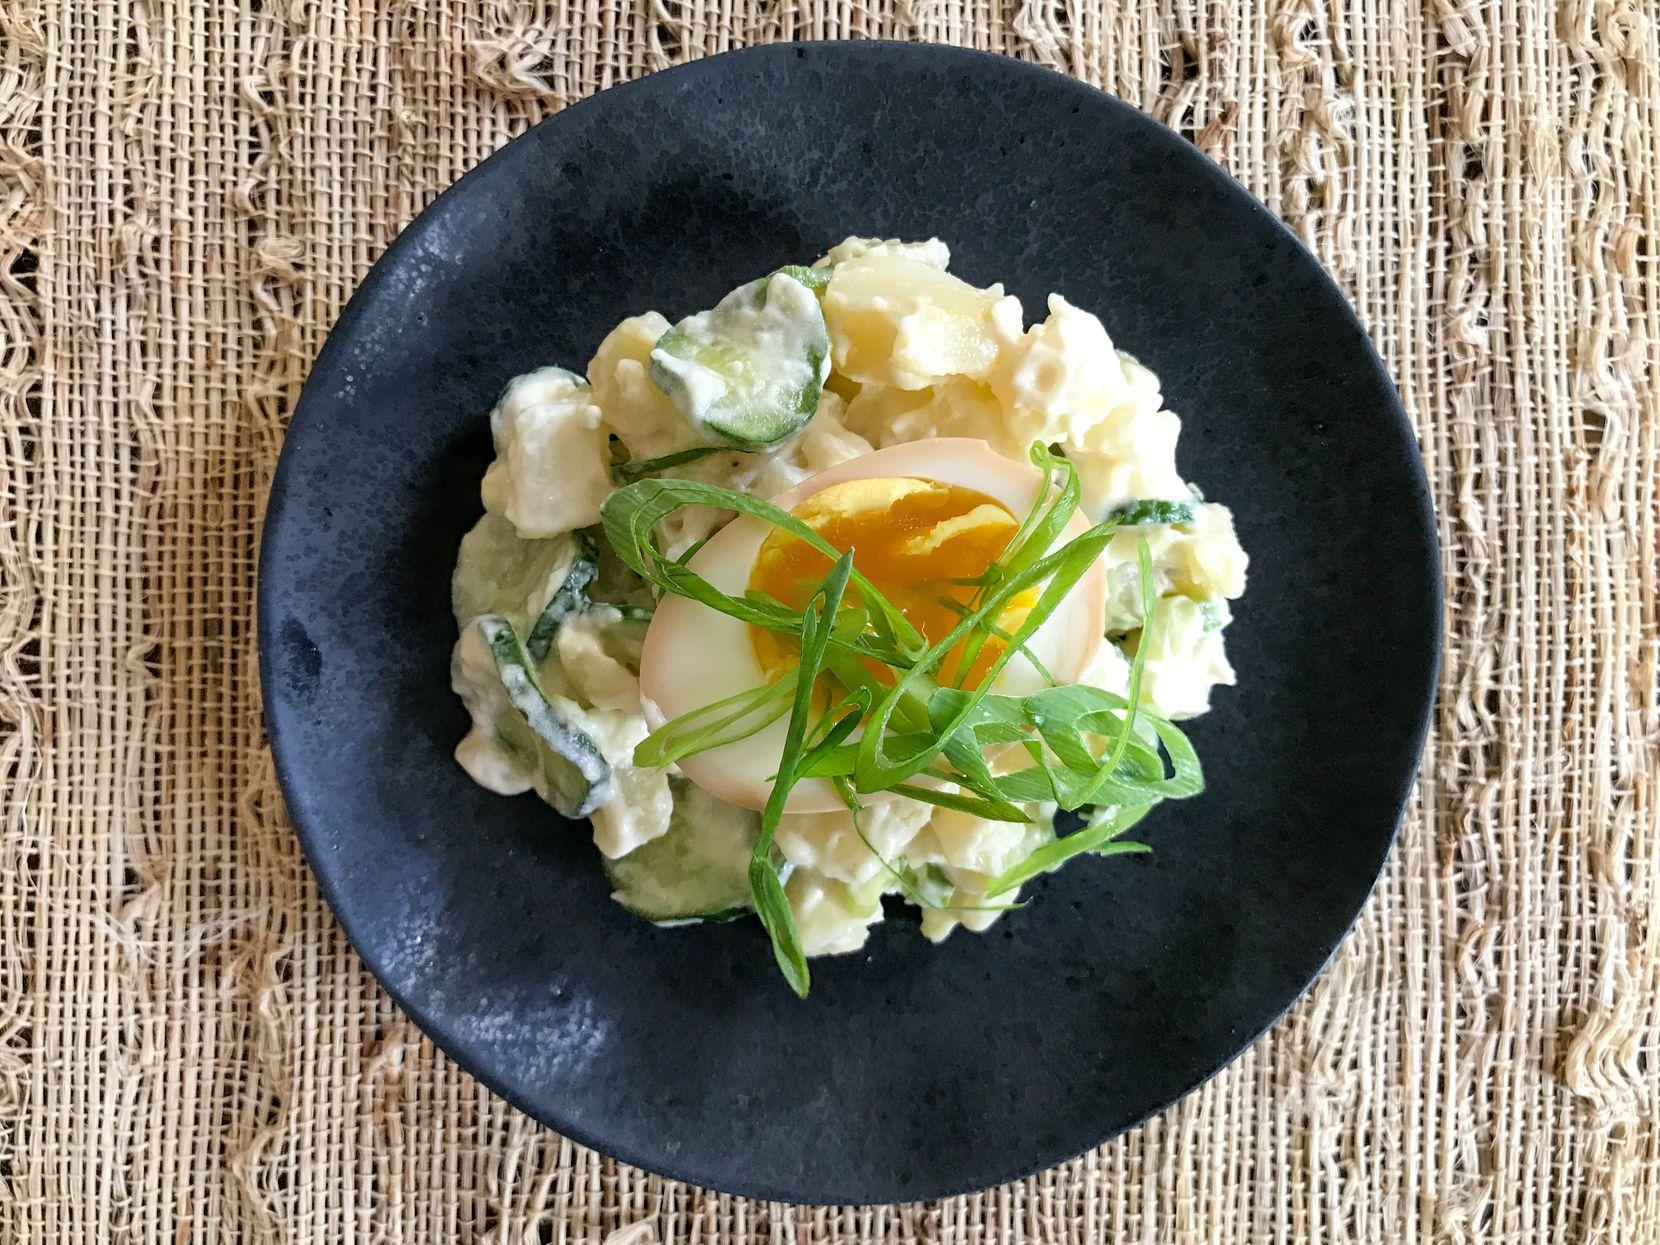 Salaryman Potato Salad from Salaryman restaurant in Dallas